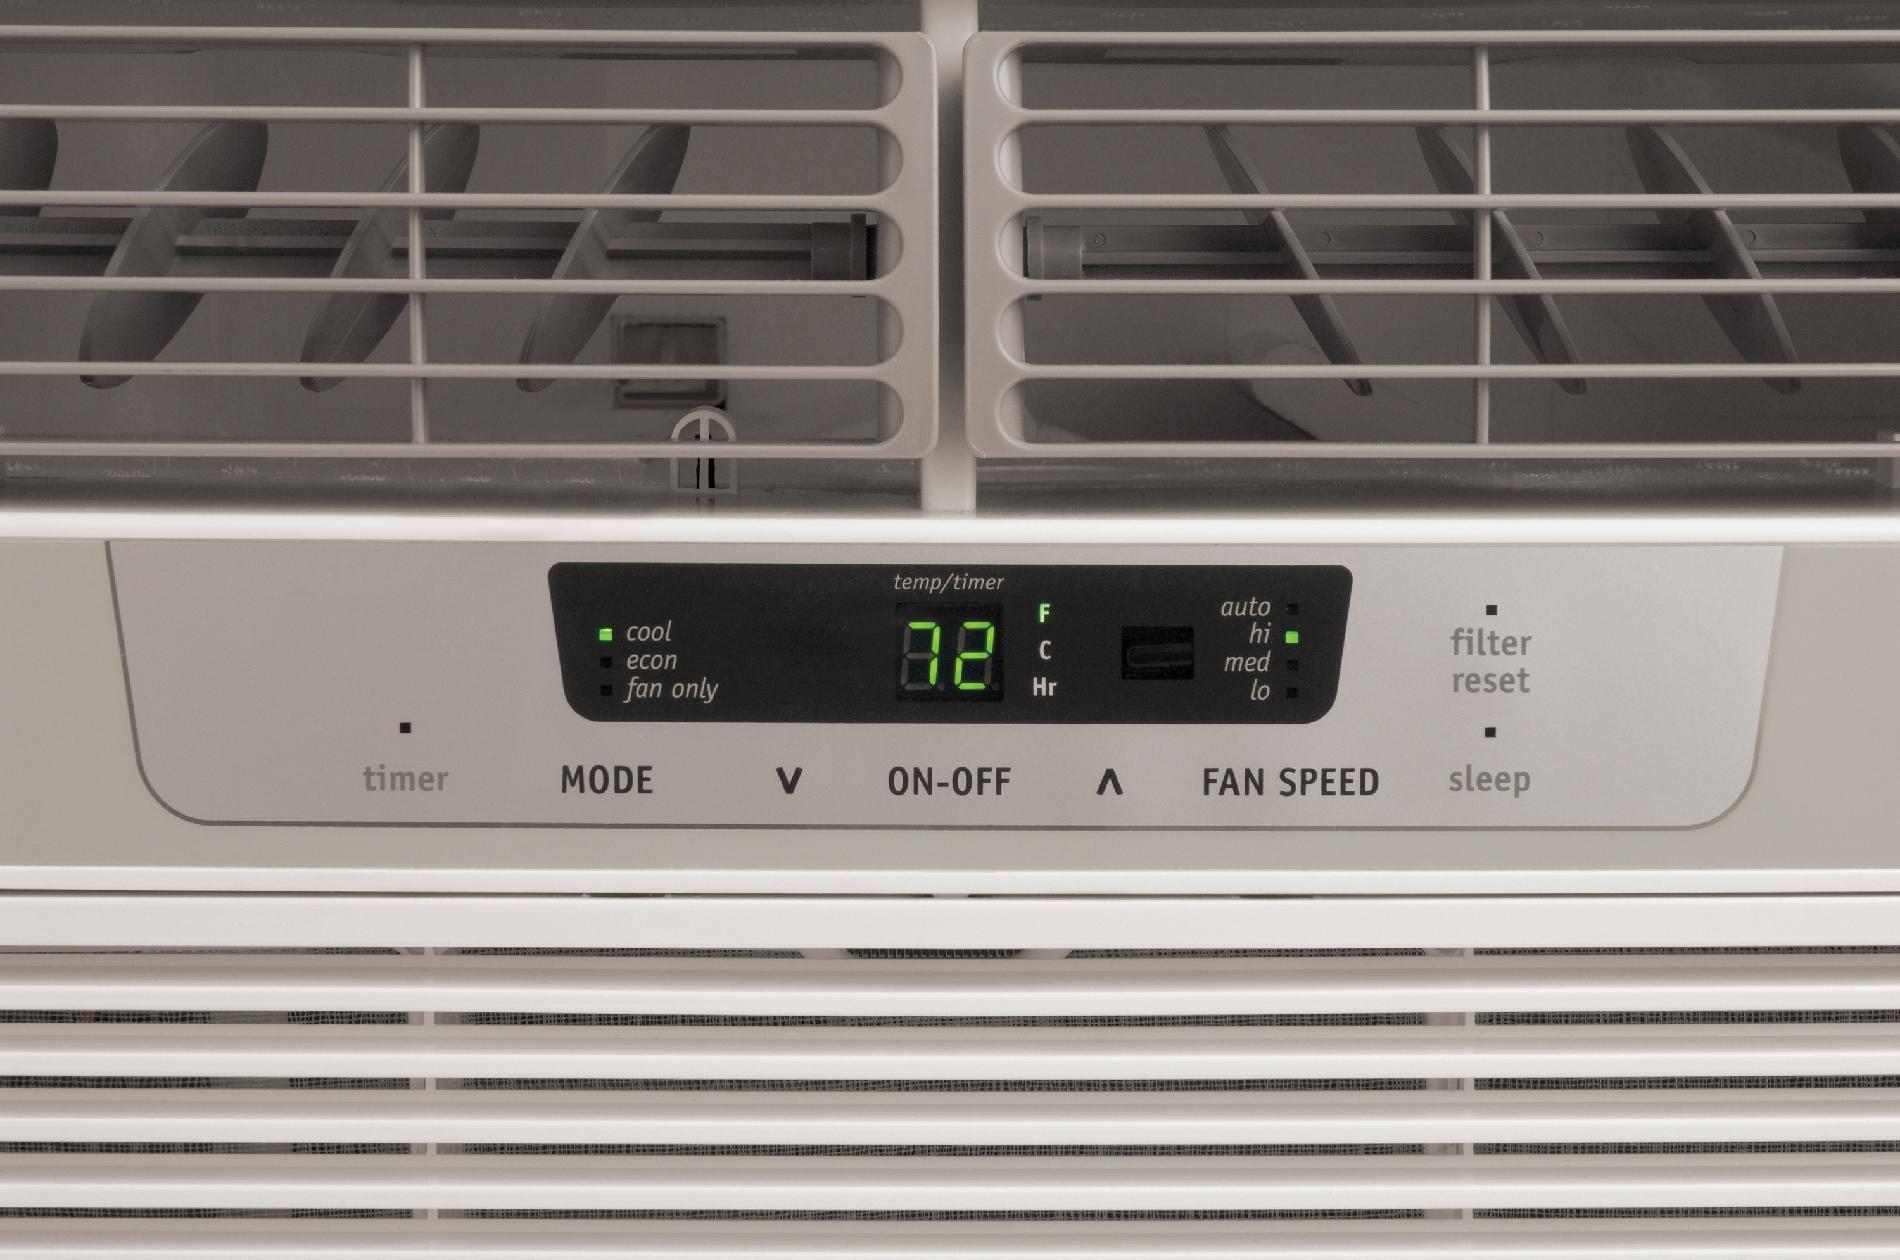 Frigidaire A/C 8000 BTU Window Air Conditioner